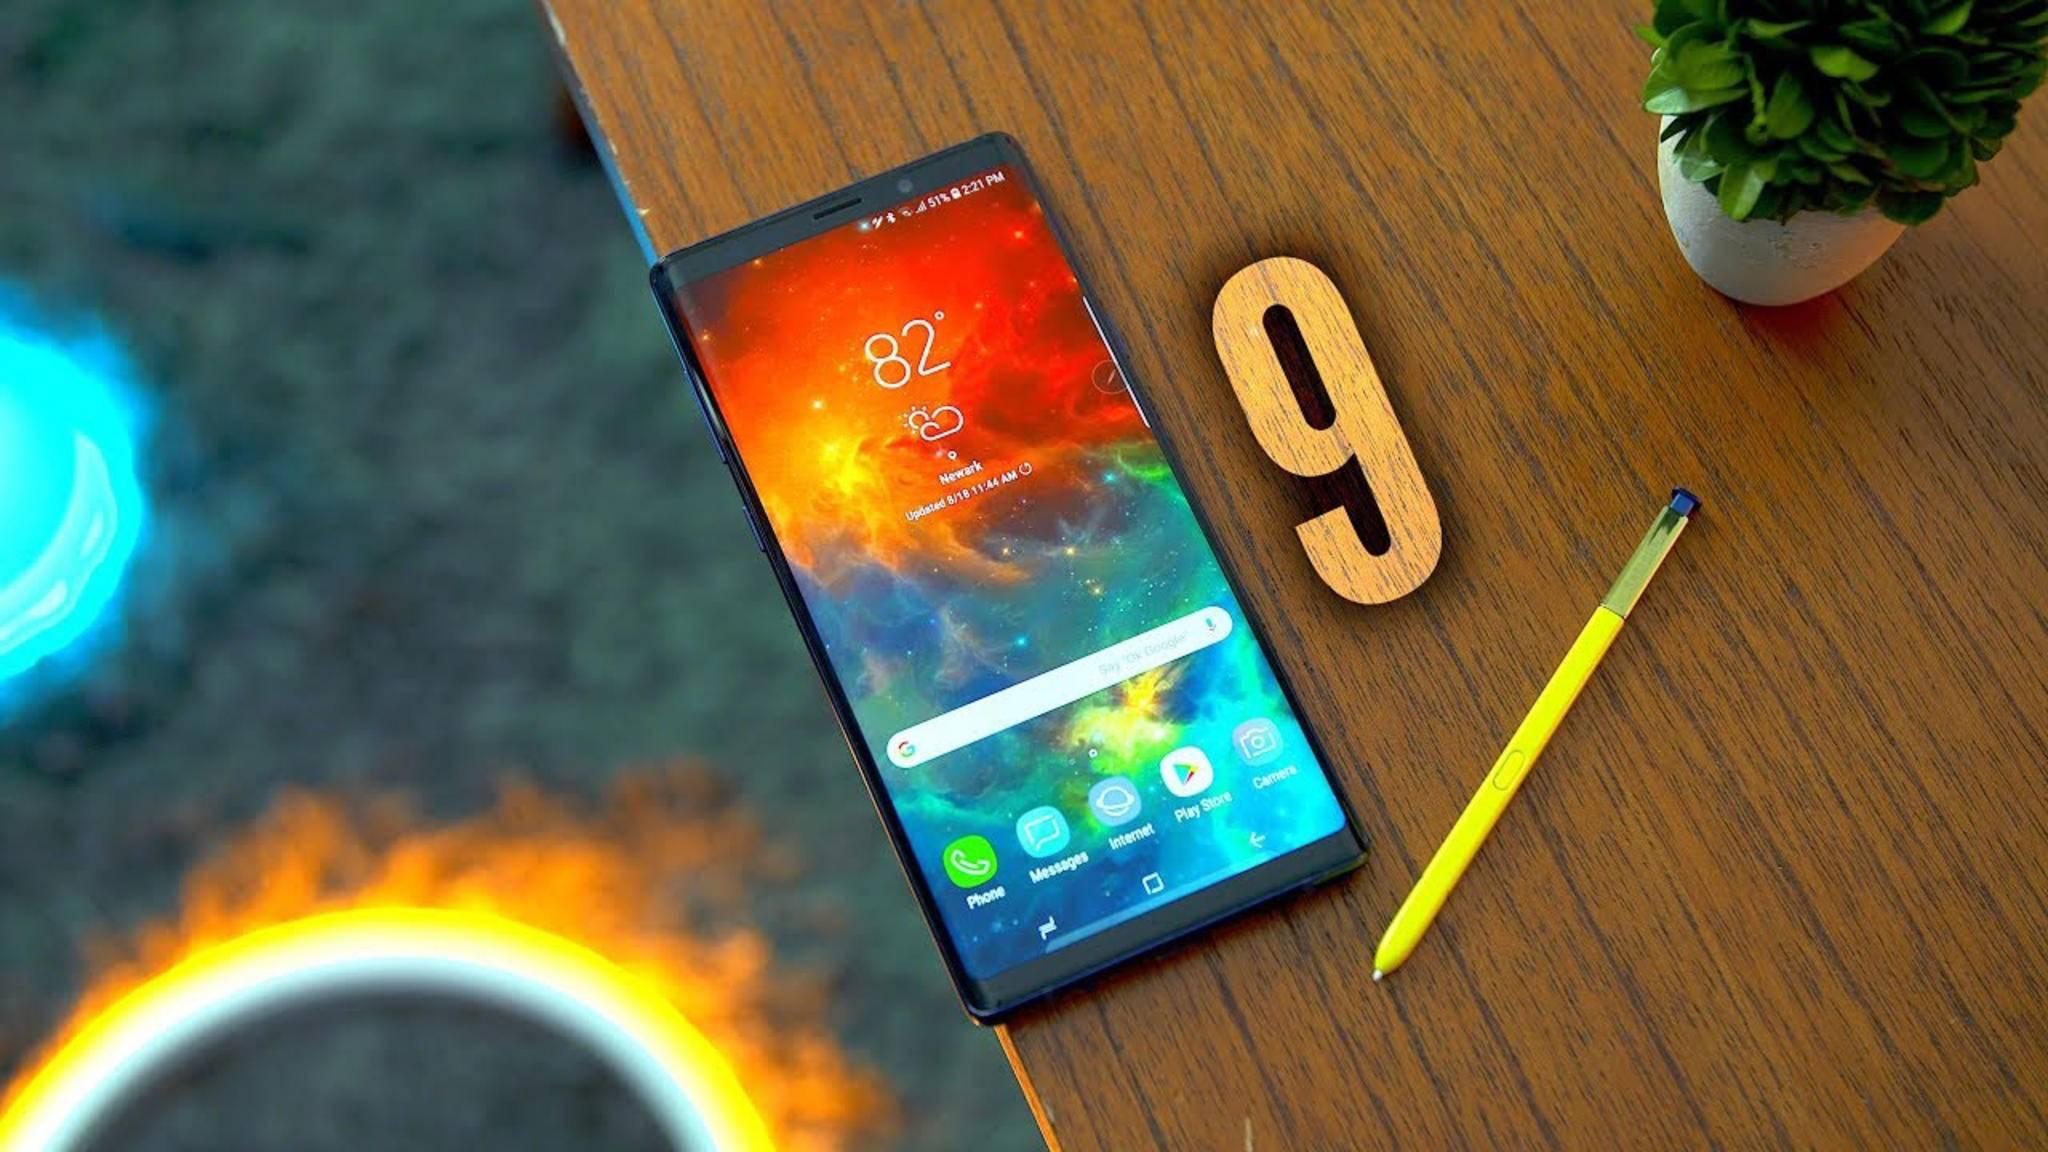 Das Galaxy Note 9 ist da! Ob es sich lohnt, erfährst Du in unserem Test.